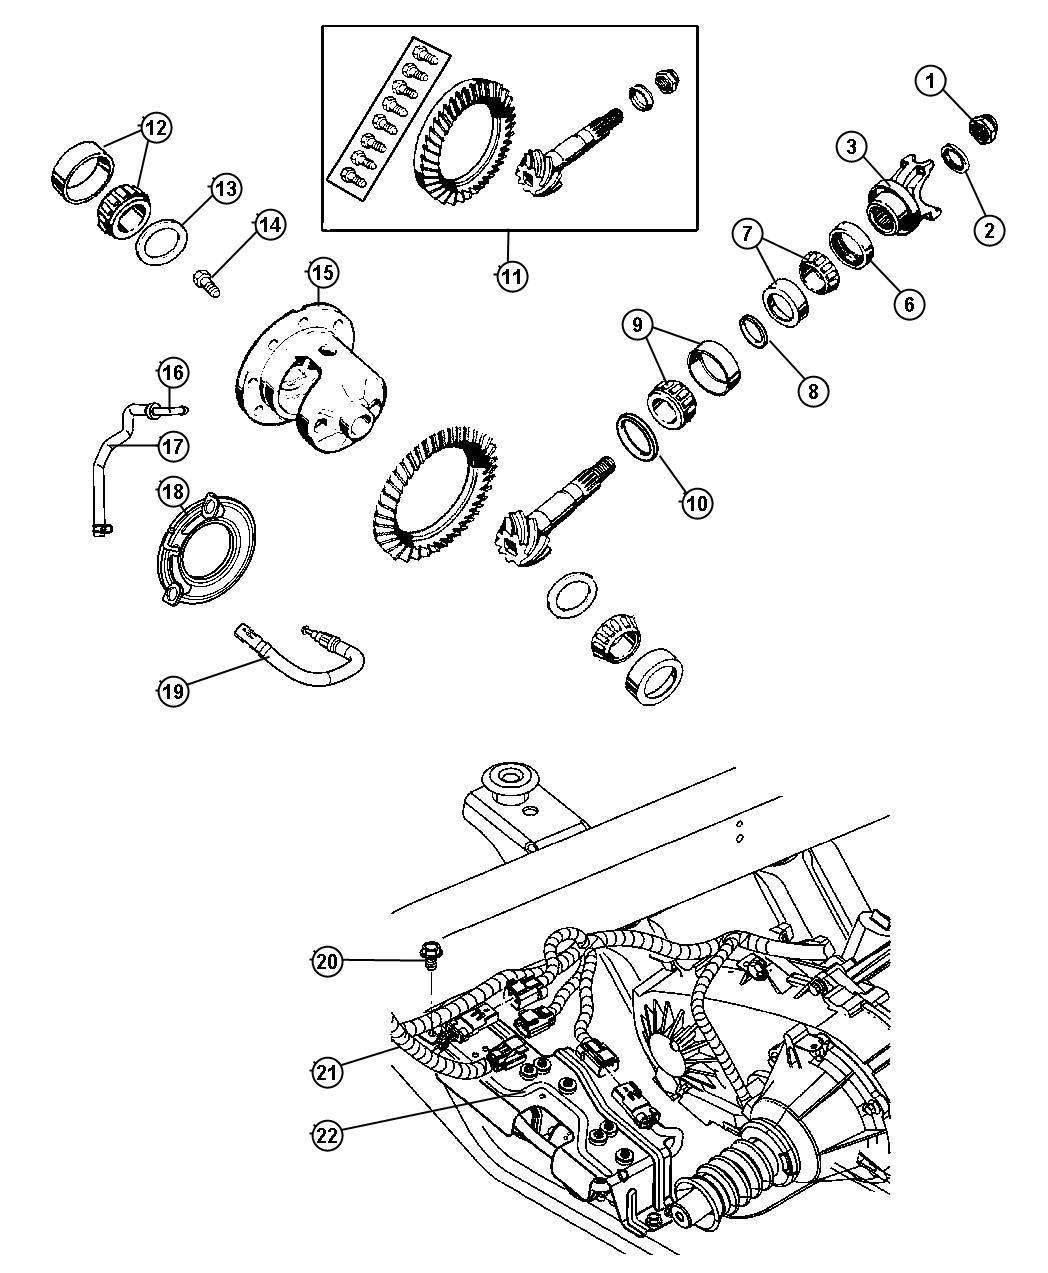 Dana 35 Front Axle Diagram - Wiring Diagrams ROCK